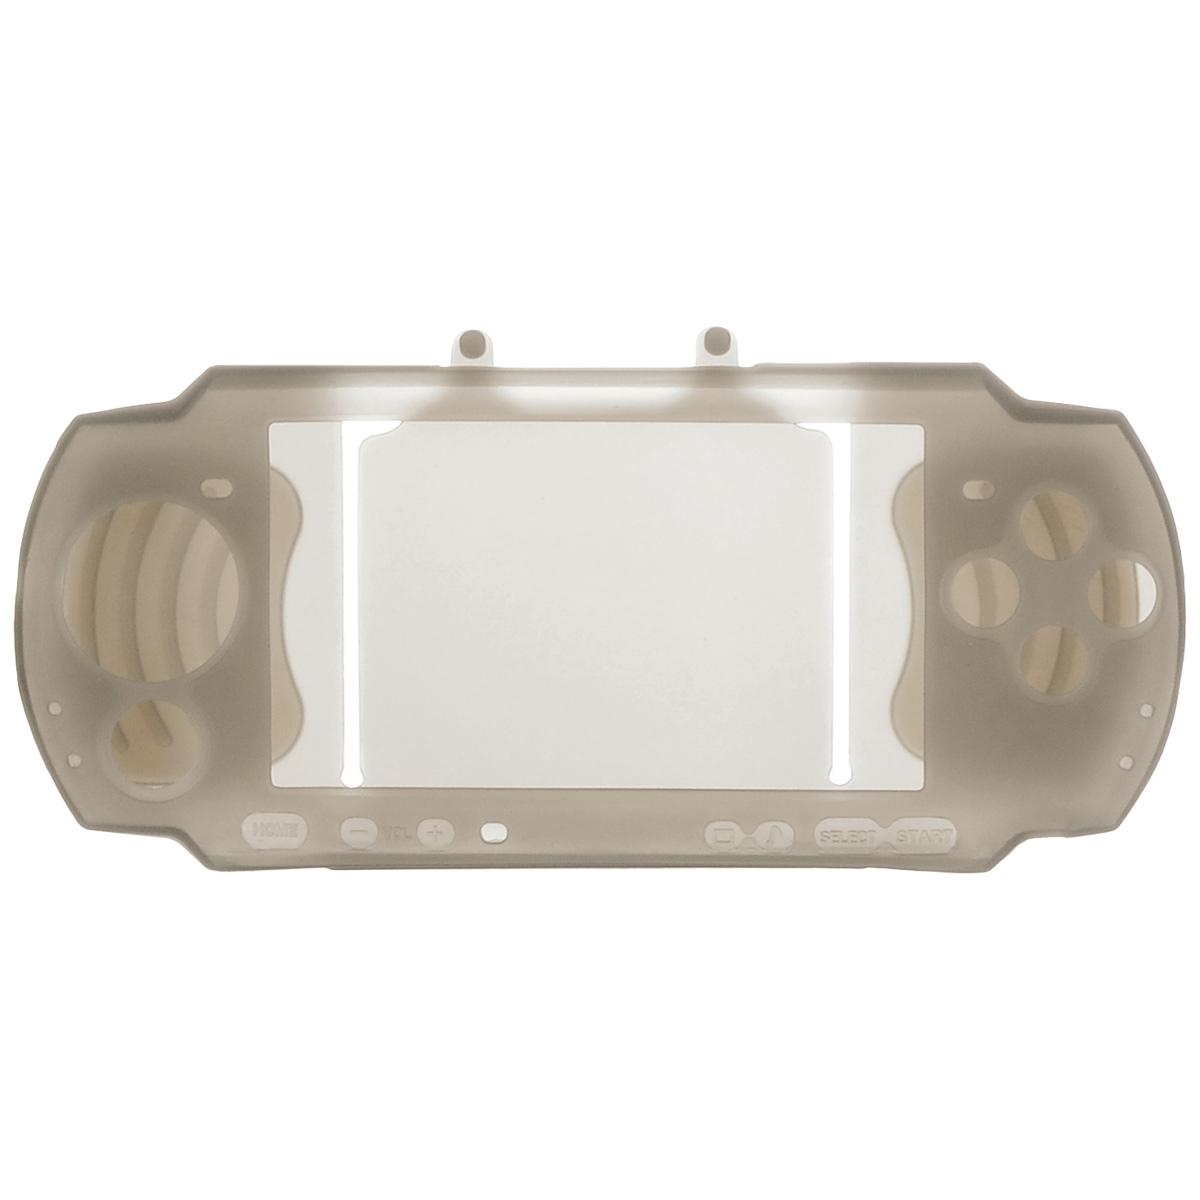 Силиконовый чехол Game Guru Silicon Case для PSP 3000 (серый)PSP3000-Y034Силиконовый чехолGame Guru Silicon Case для PSP 3000 - стильная и надежная защита из высококачественного материала. Чехол надежно защитит вашу приставку от внешних воздействий, грязи, царапин и потертостей. Чехол легко надевается и снимается, совместим со всеми версиями консолиPSP 3000. Легкий доступ ко всем портам и кнопкам позволяет использовать консоль не снимая чехол.